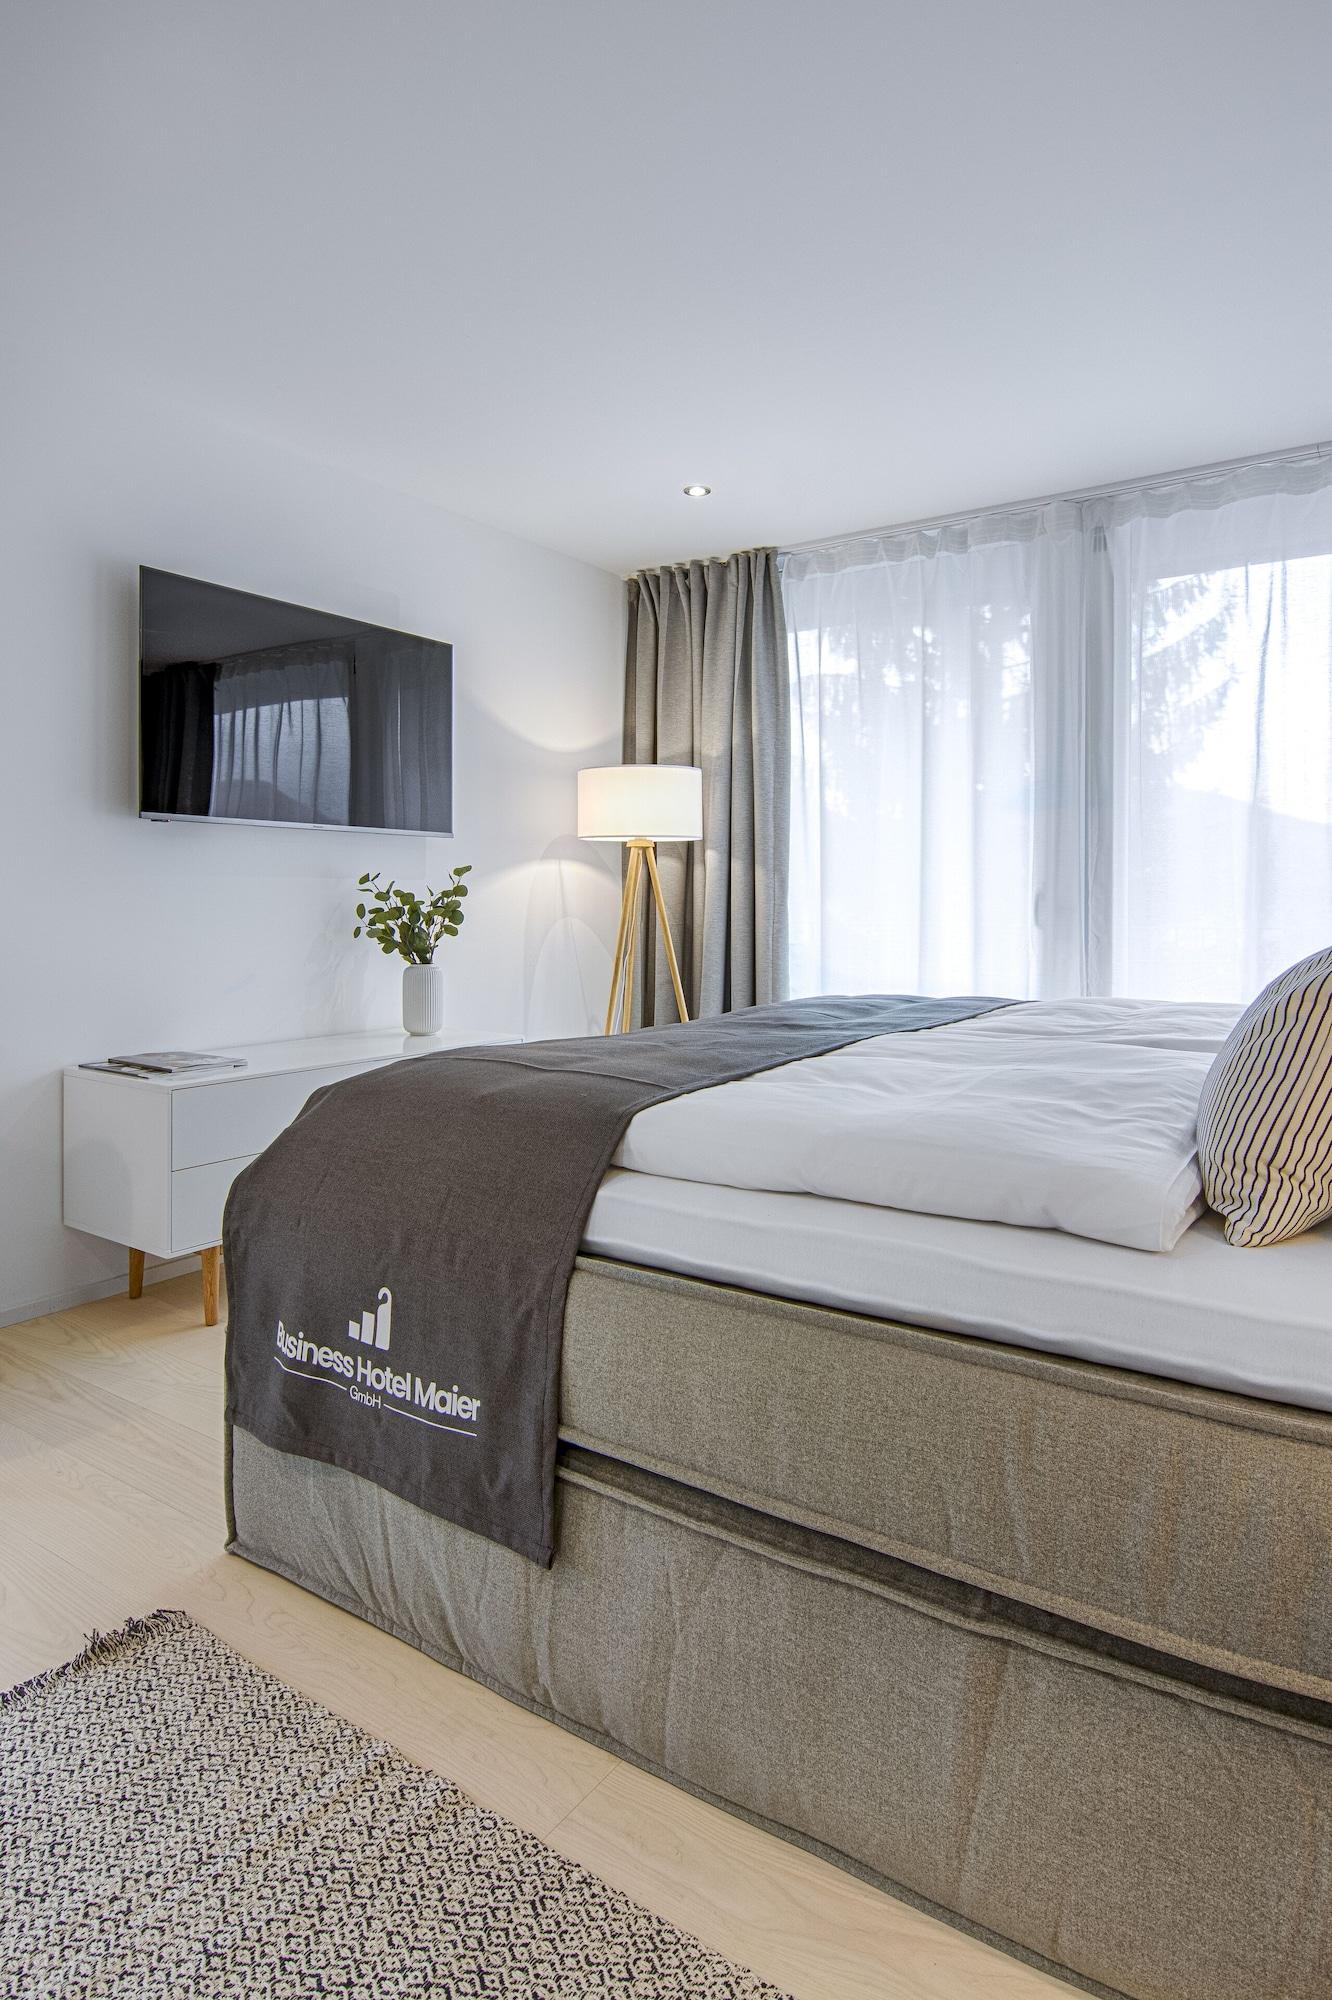 Business Hotel Maier, Feldkirch